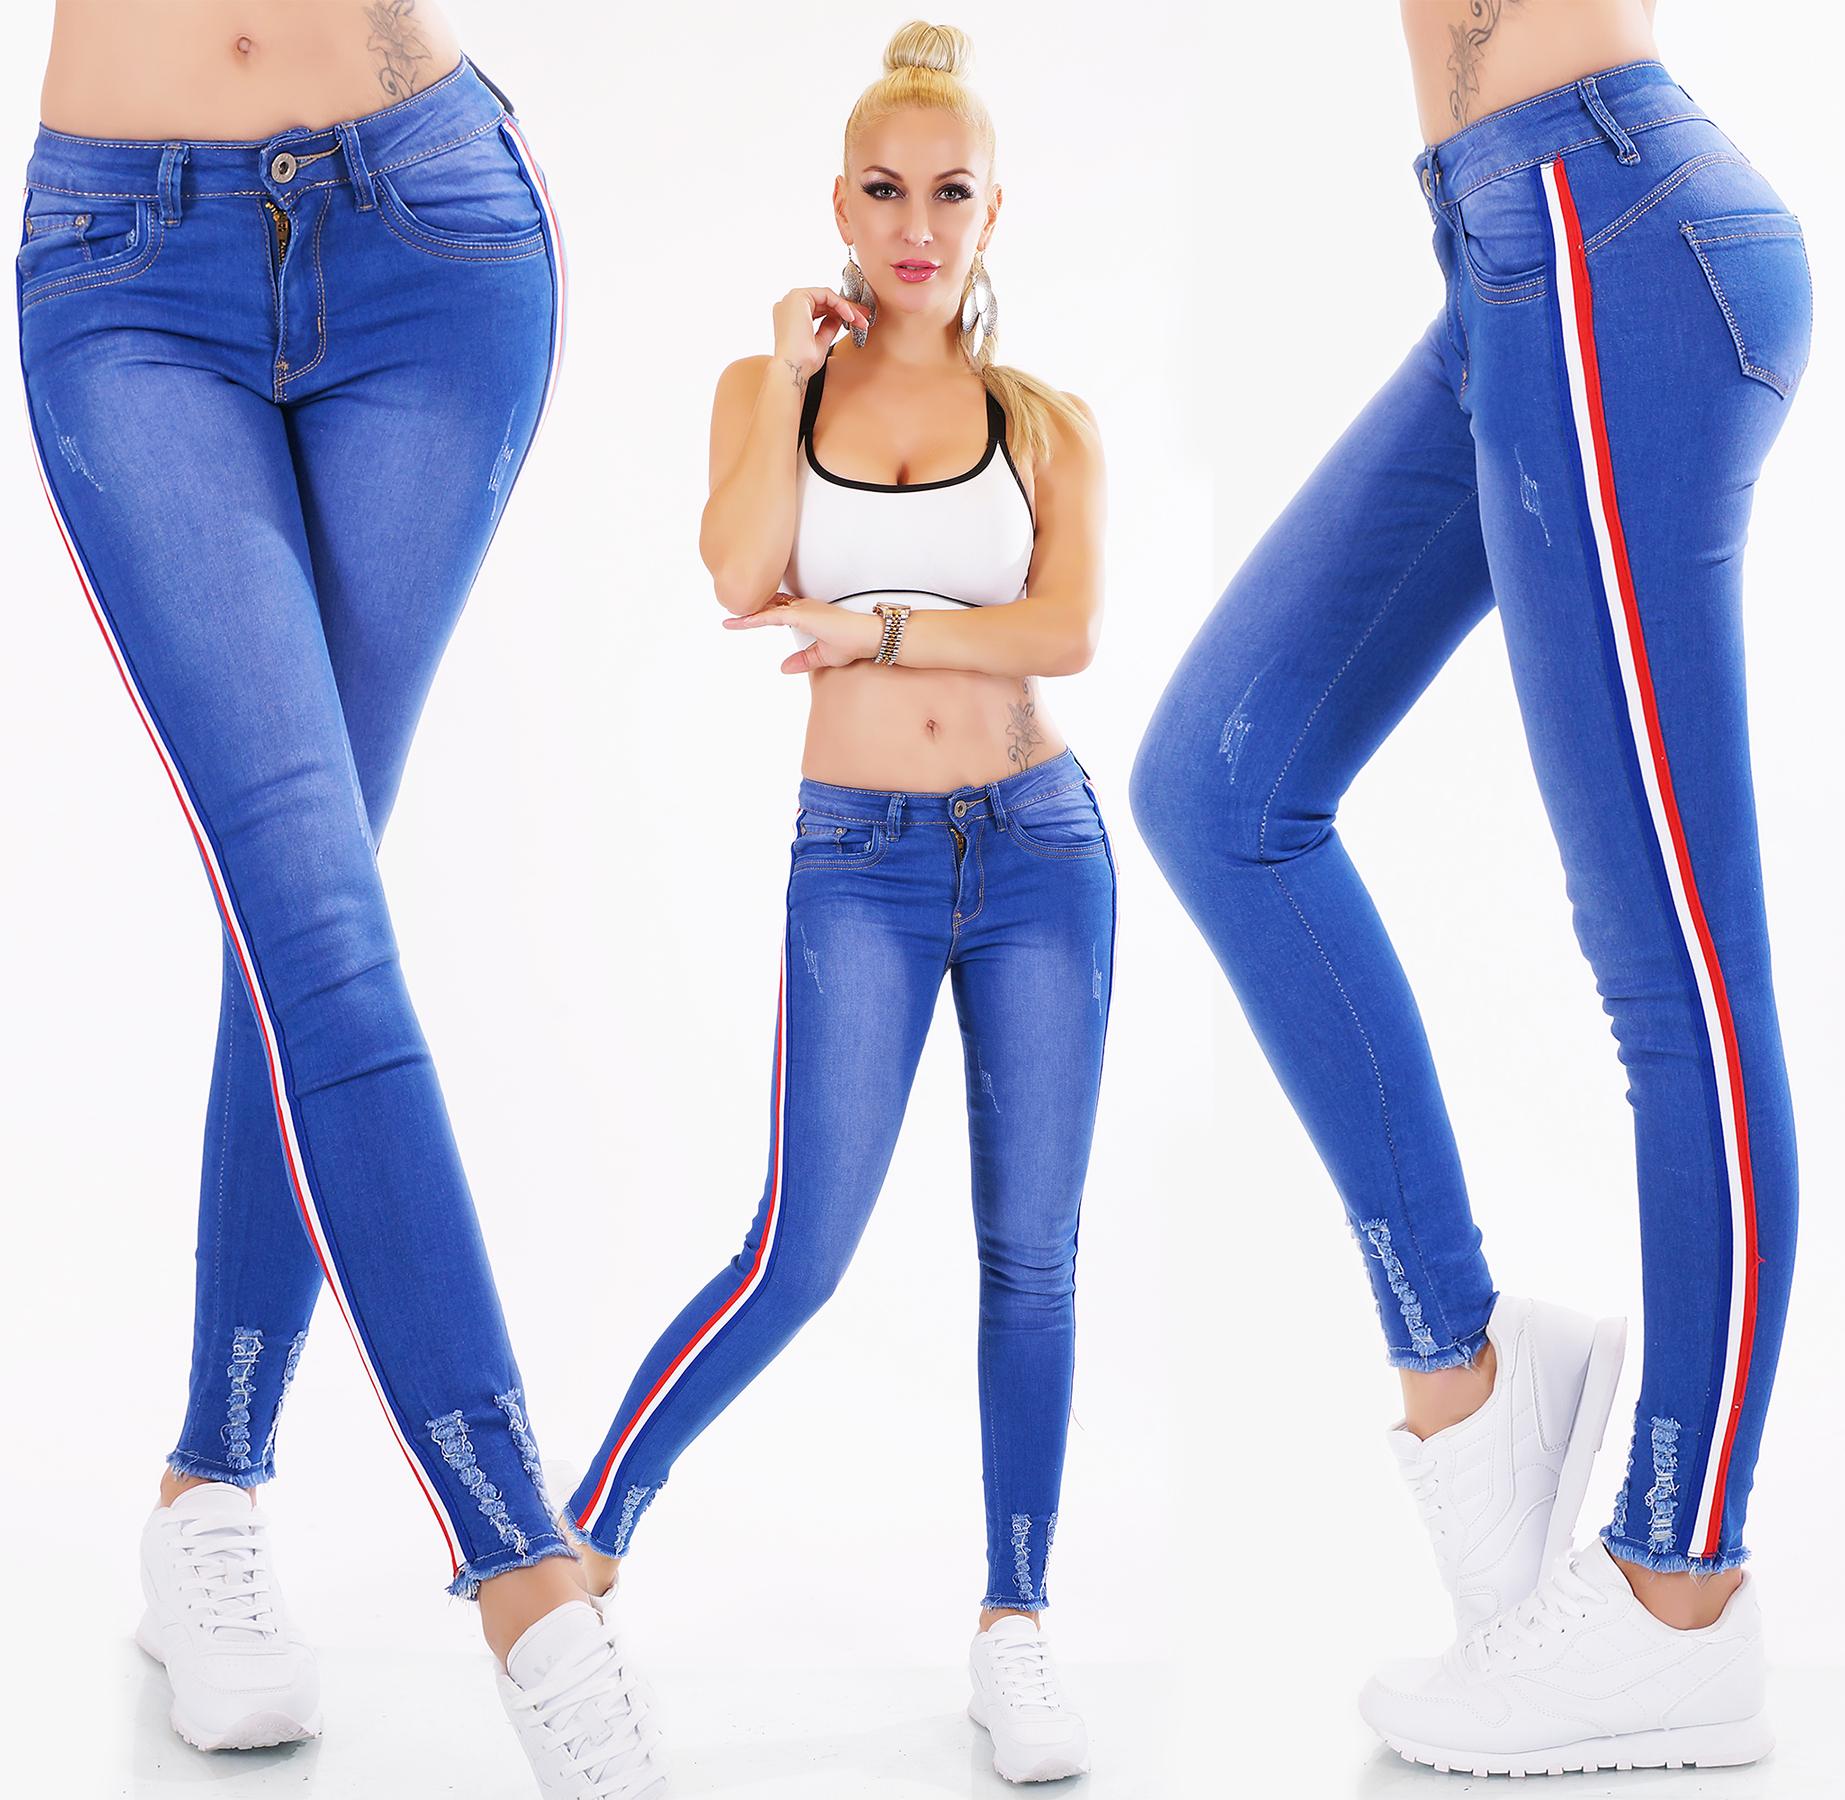 gute Qualität Release-Info zu Großbritannien Trendstylez - Super Stretch Skinny Jeans